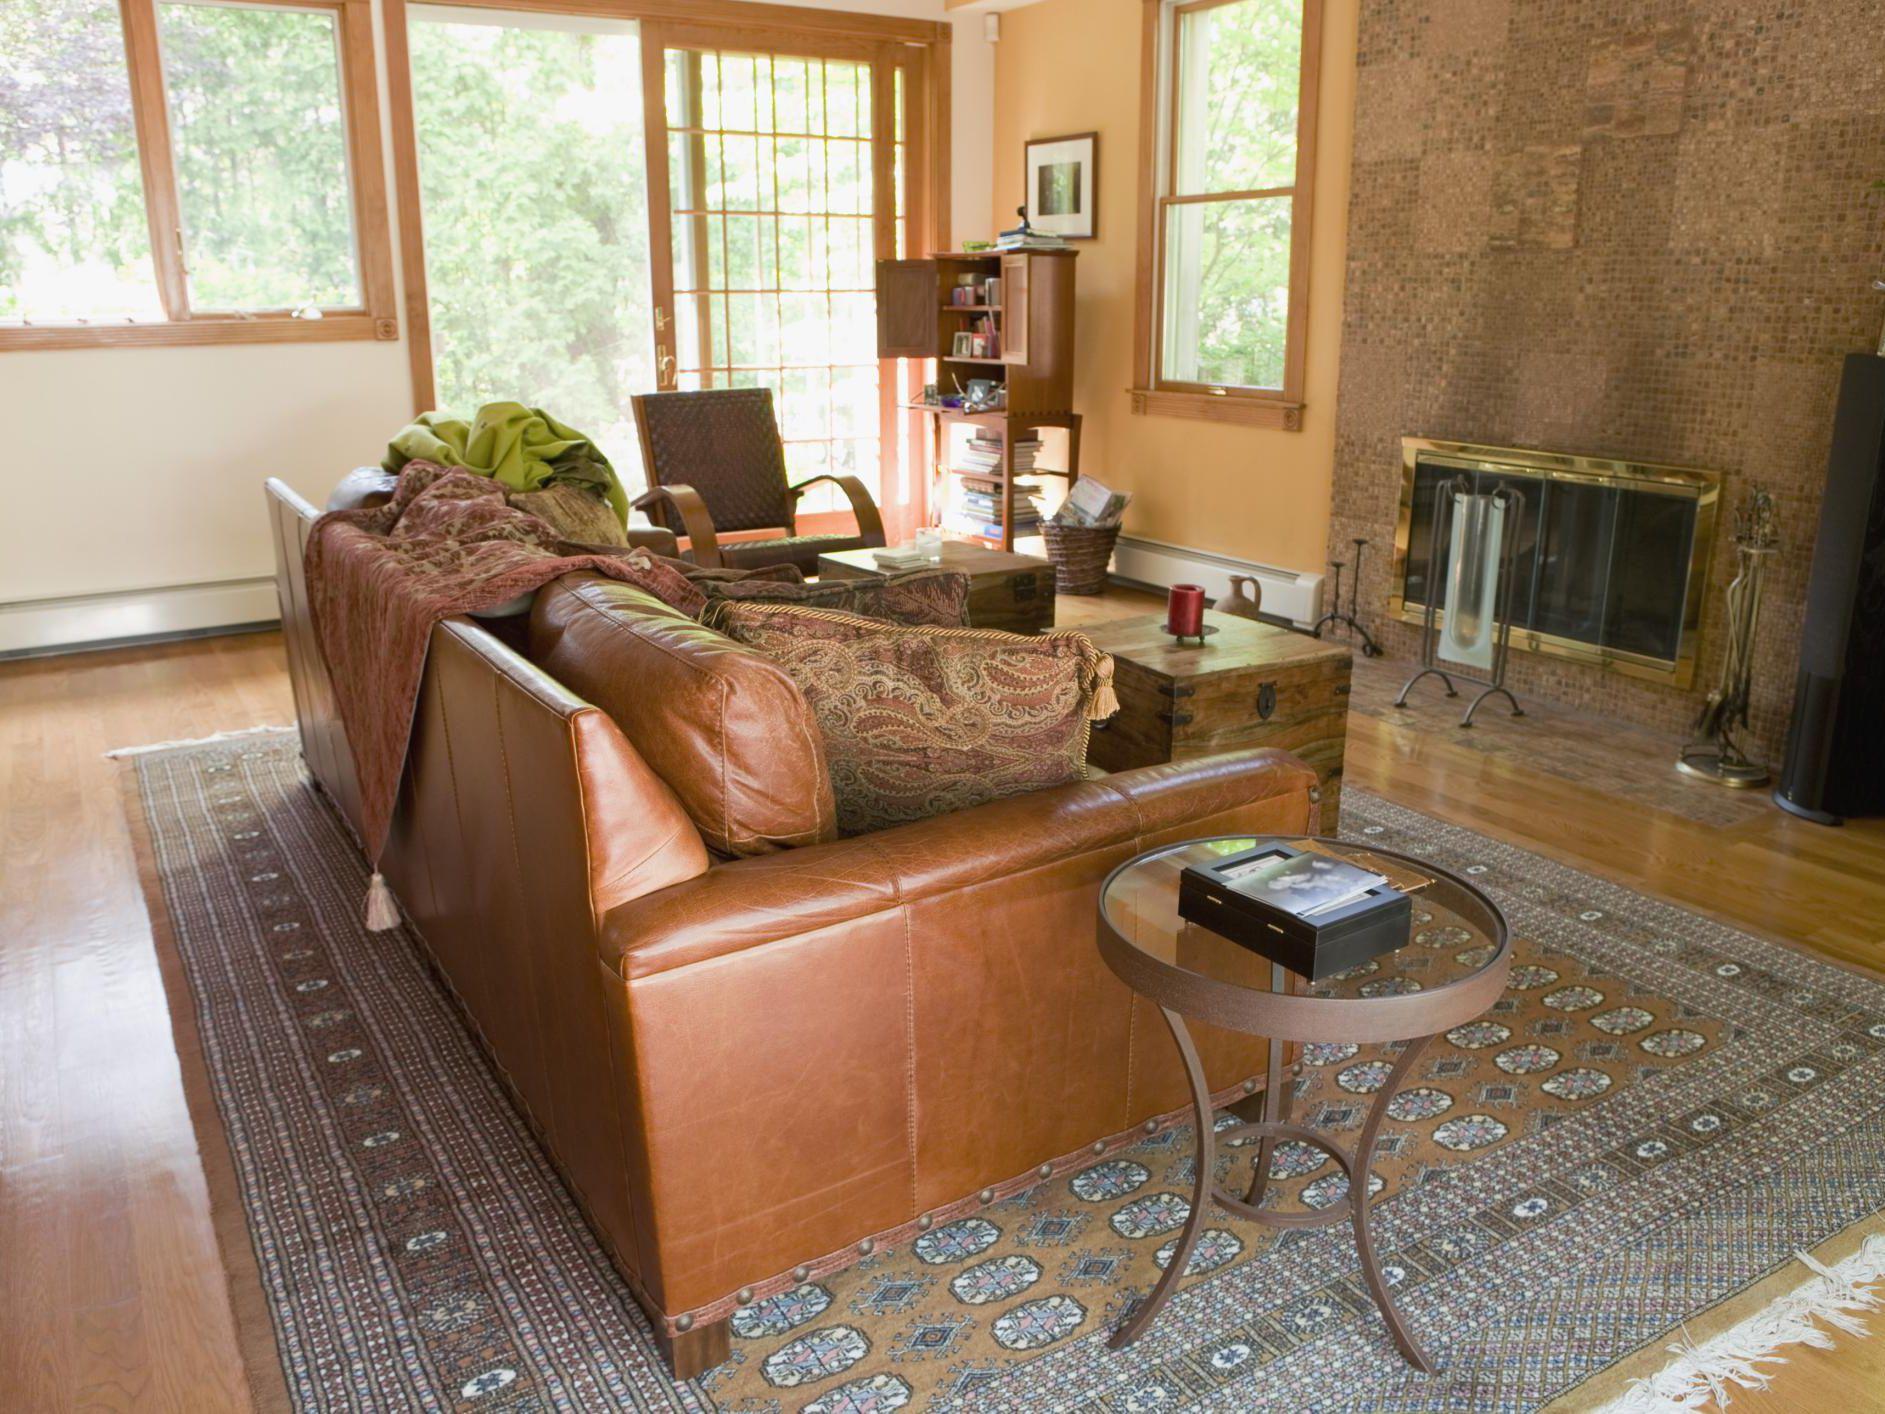 Prime How To Clean Leather Furniture Inzonedesignstudio Interior Chair Design Inzonedesignstudiocom